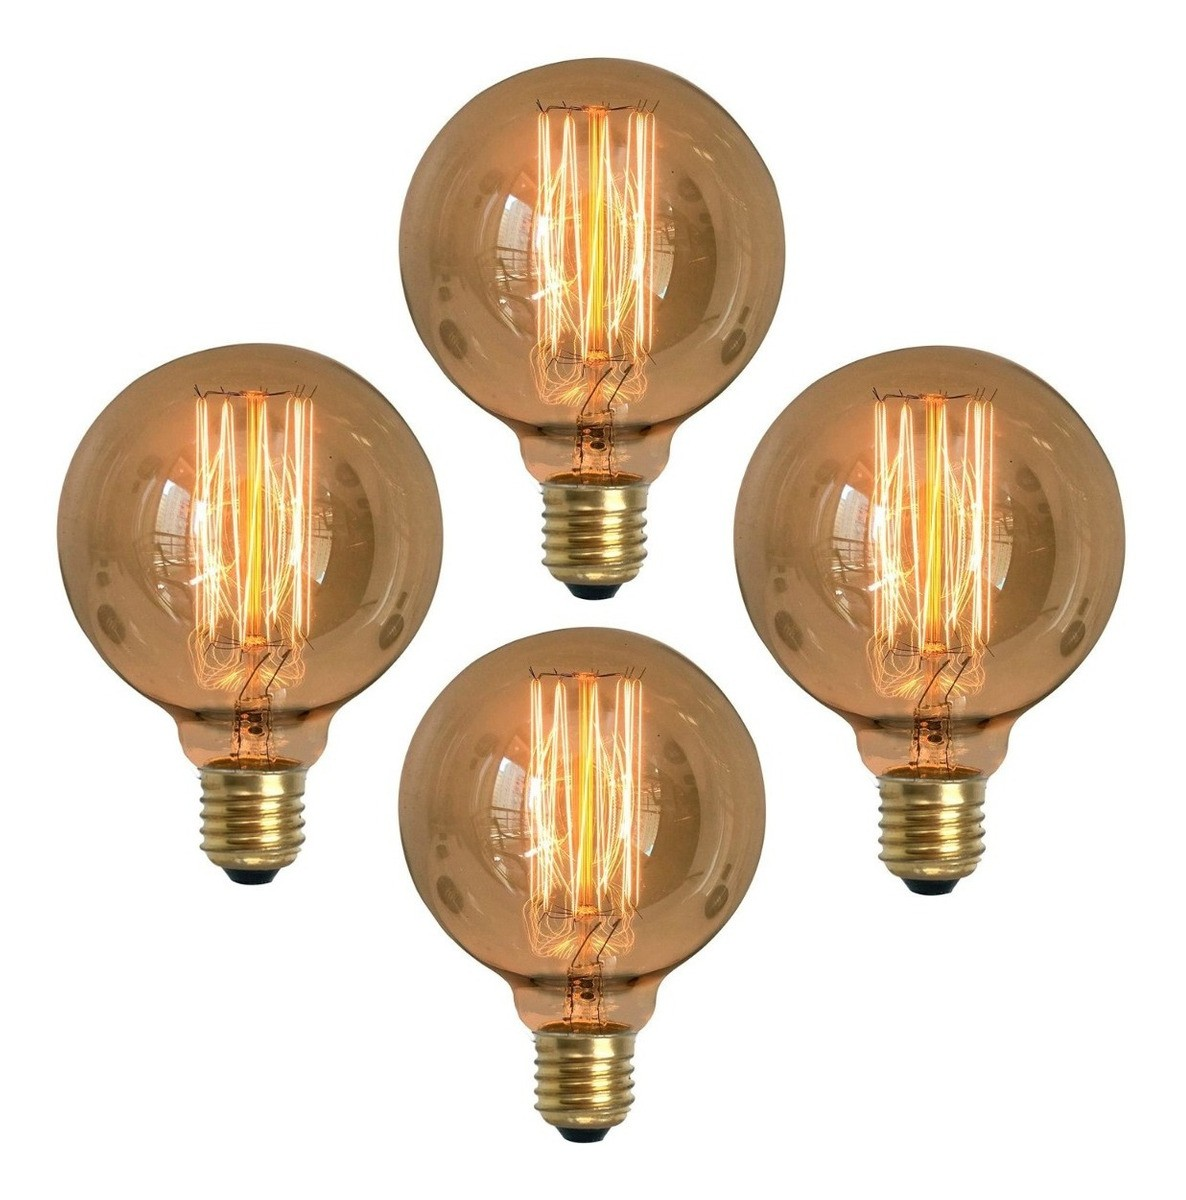 4 Lâmpadas Retrô Decorativa Vintage Thomas Edison G95